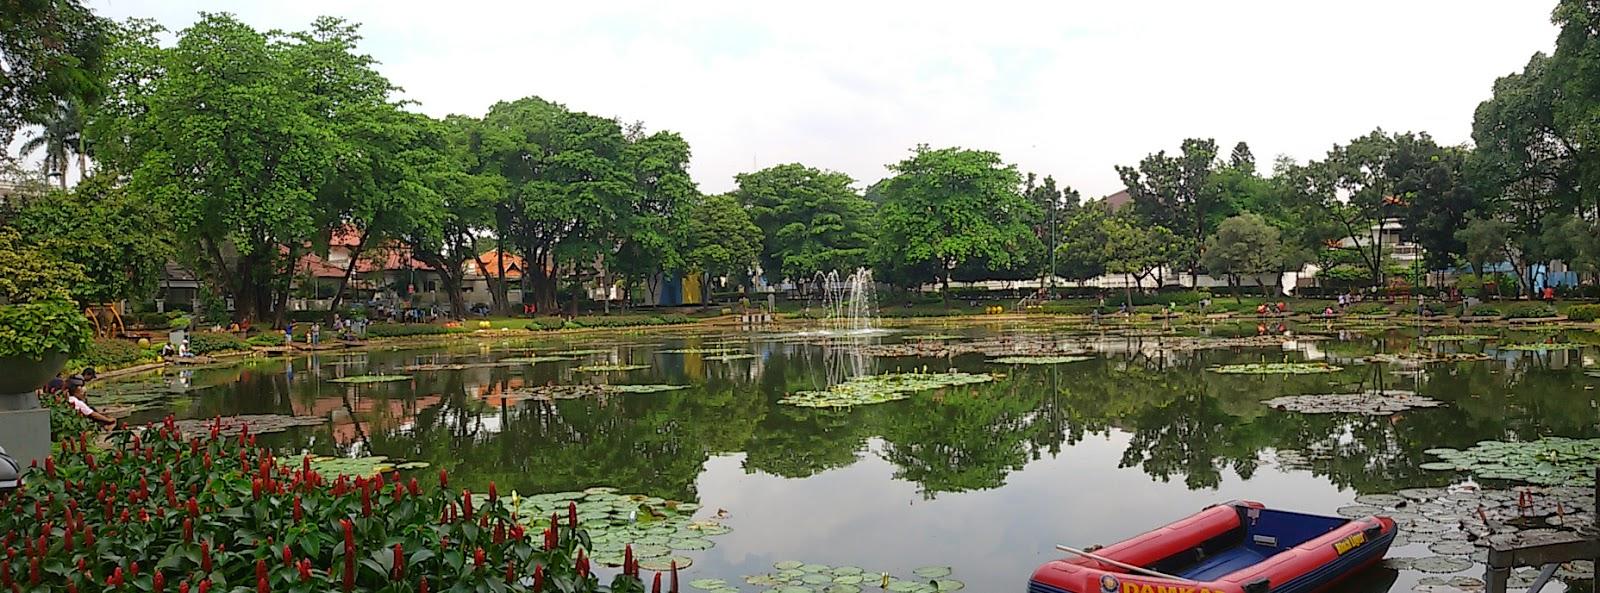 Wisata Alam Jakarta Tak Sepi Taman Lembang Kota Administrasi Pusat